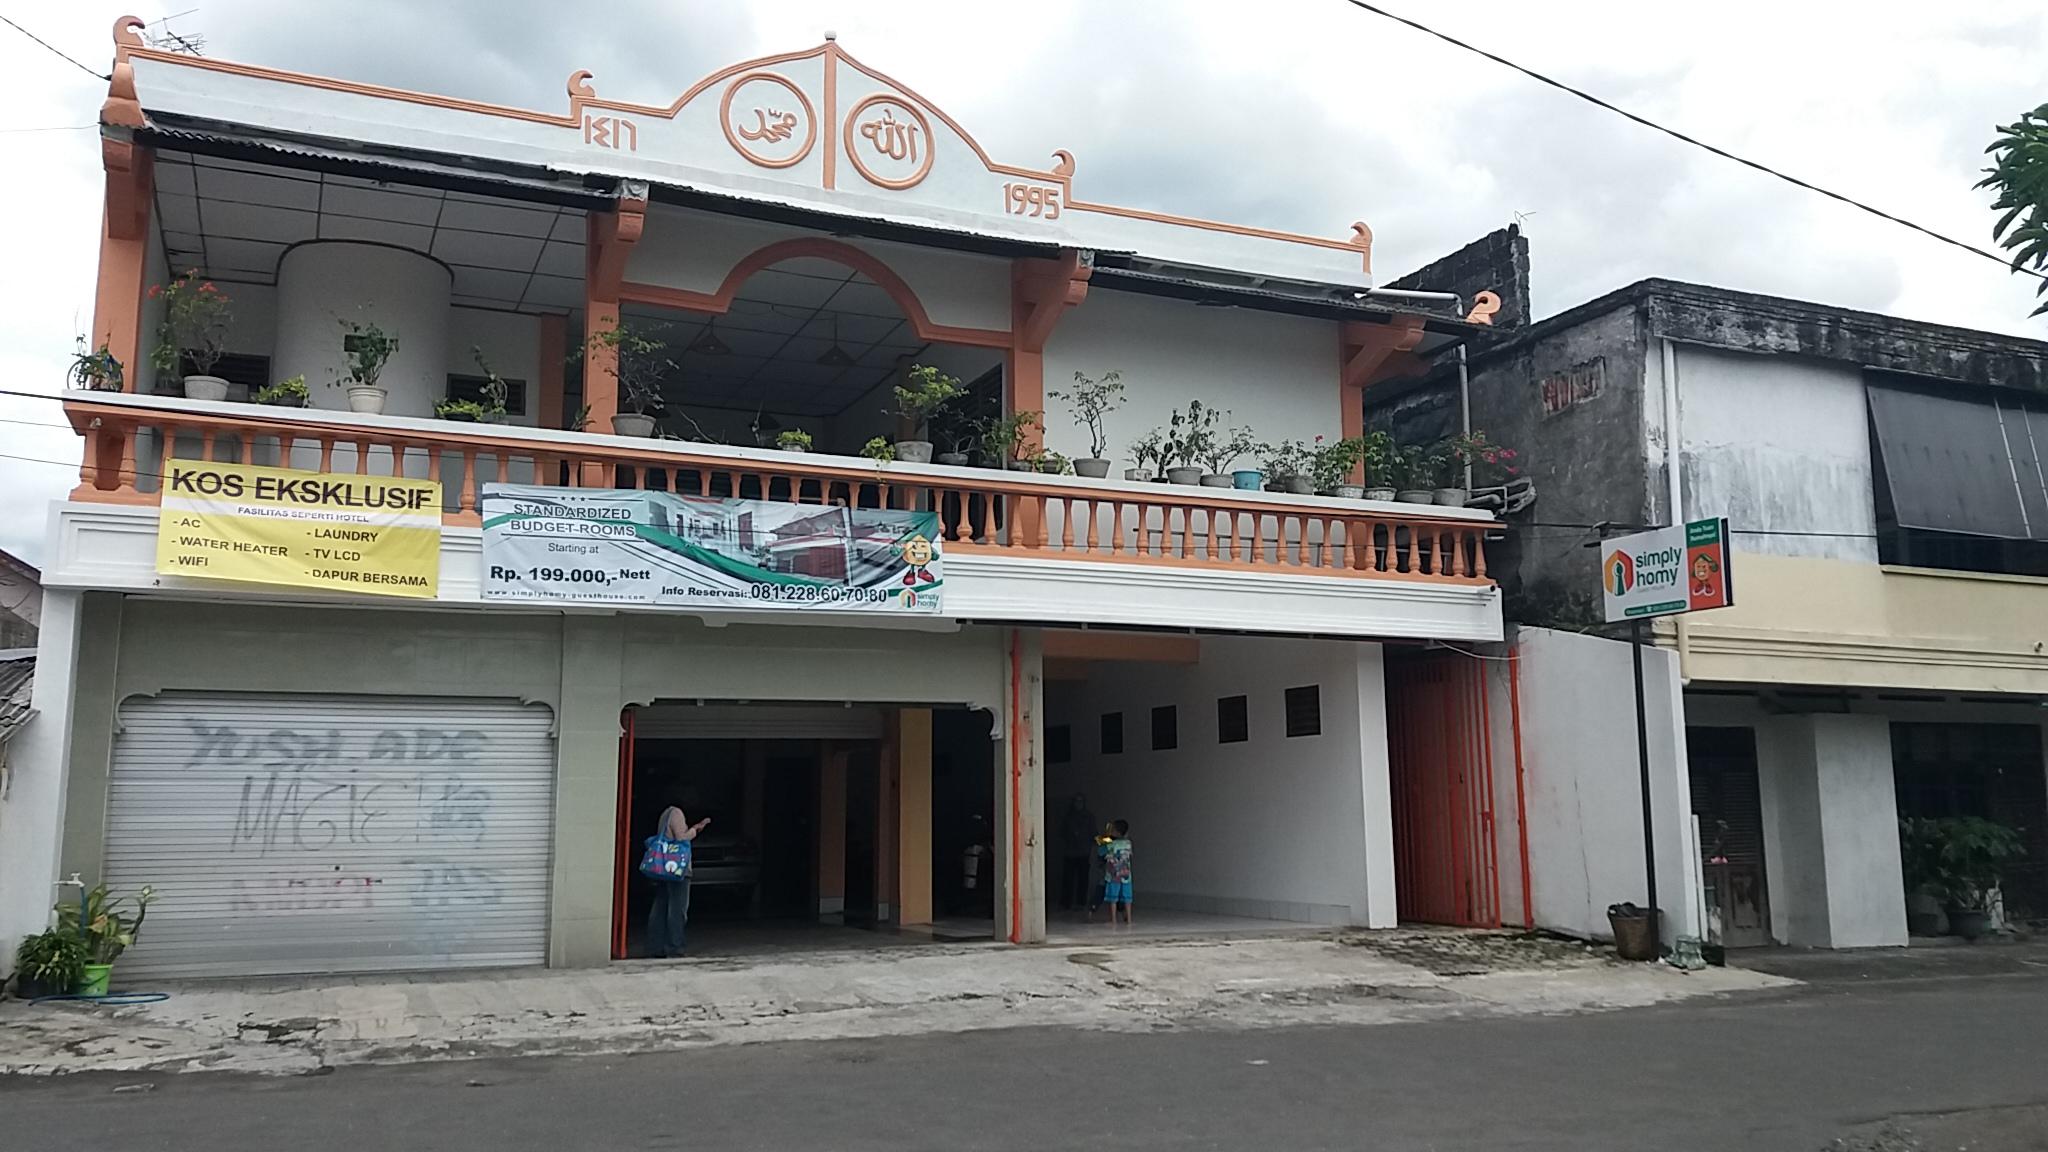 Tampak depan bangunan Simply Homy Condong Catur